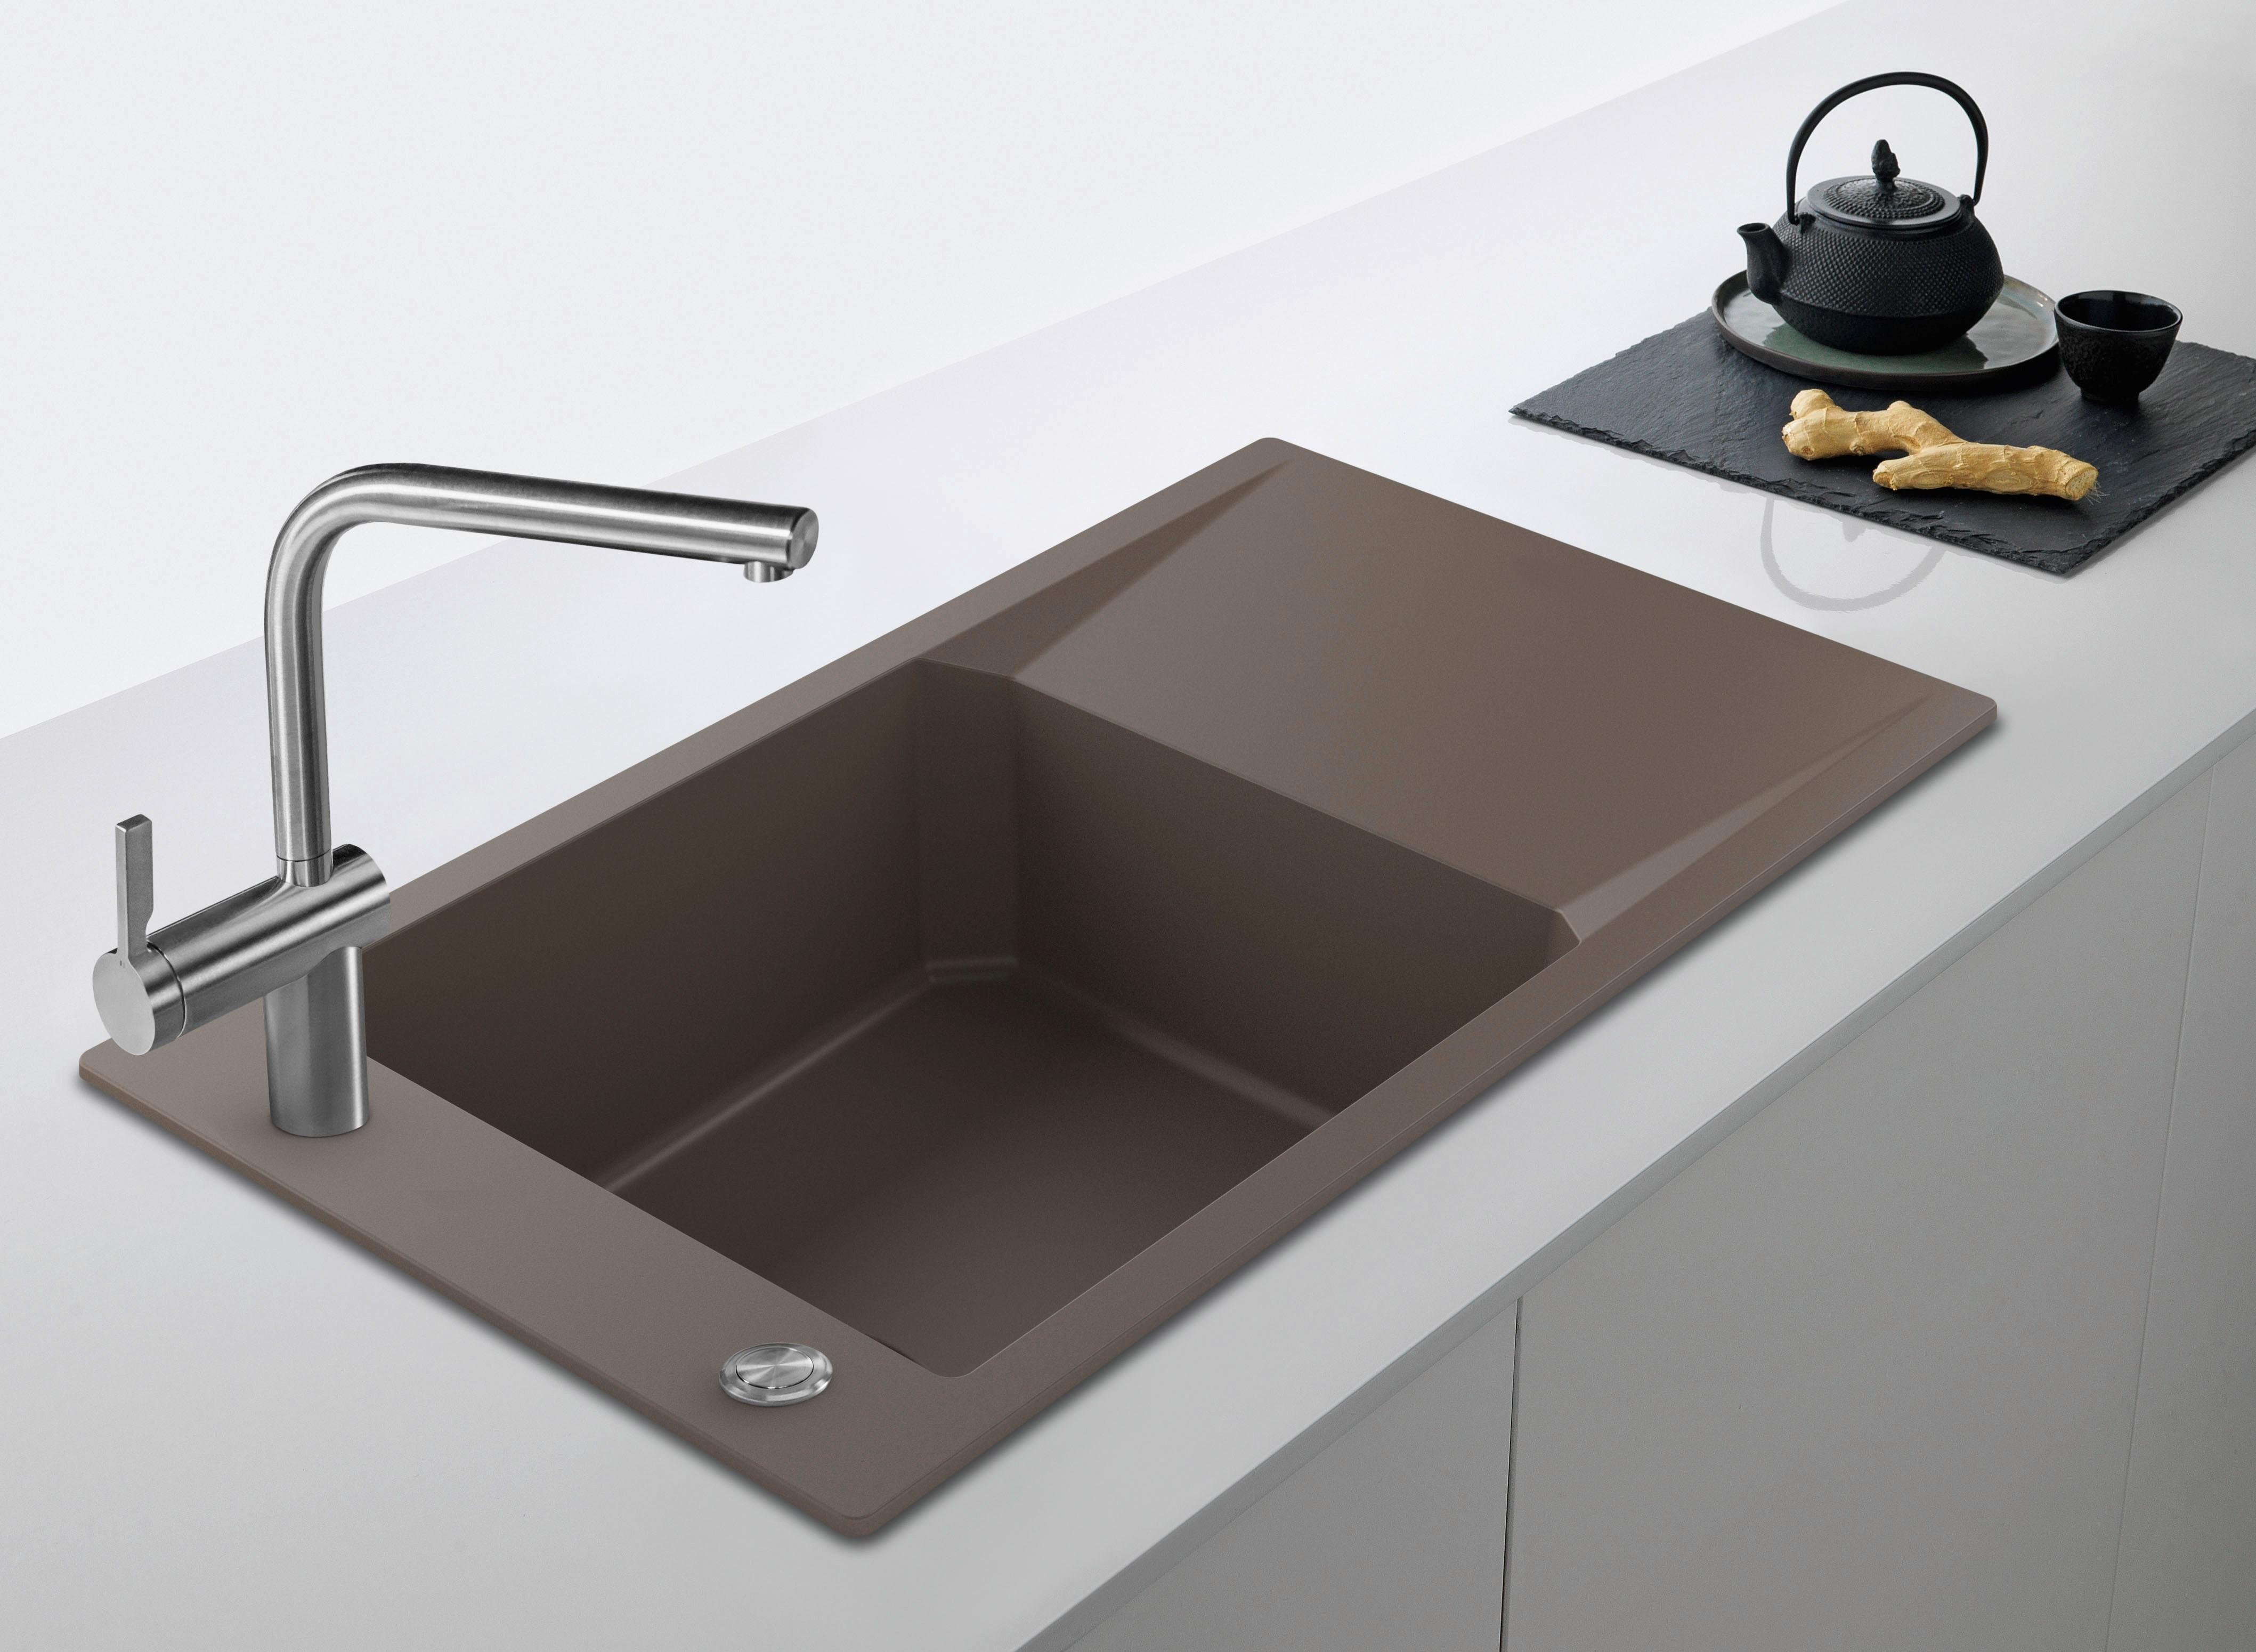 Farbige Spülen - AMK - Arbeitsgemeinschaft Die Moderne Küche e.V.